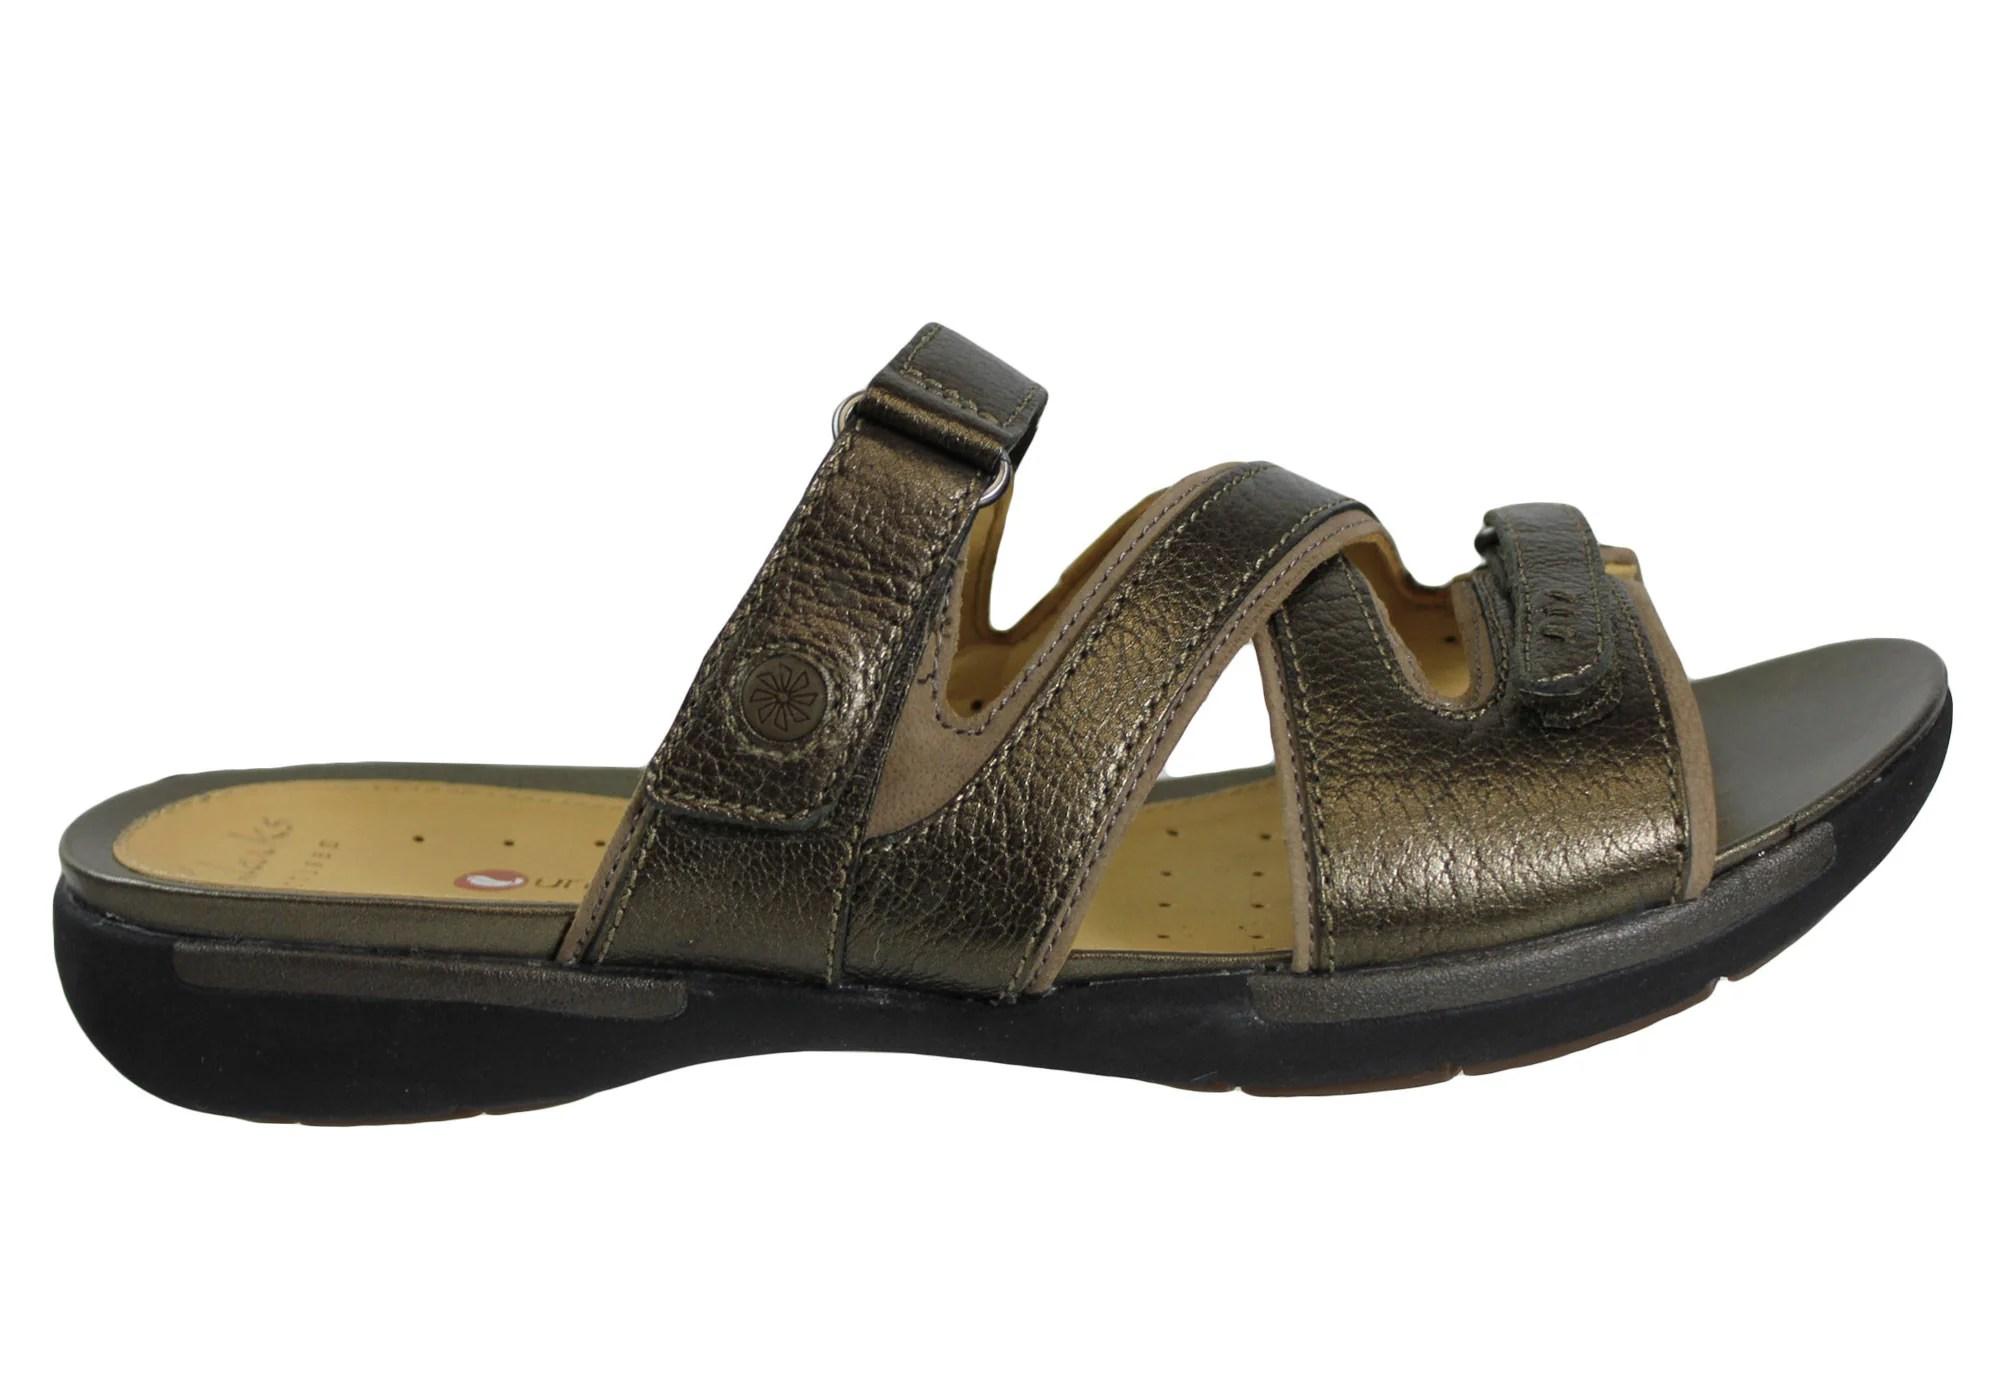 Clarks Un Verlee Womens Leather Slides Sandals Brand